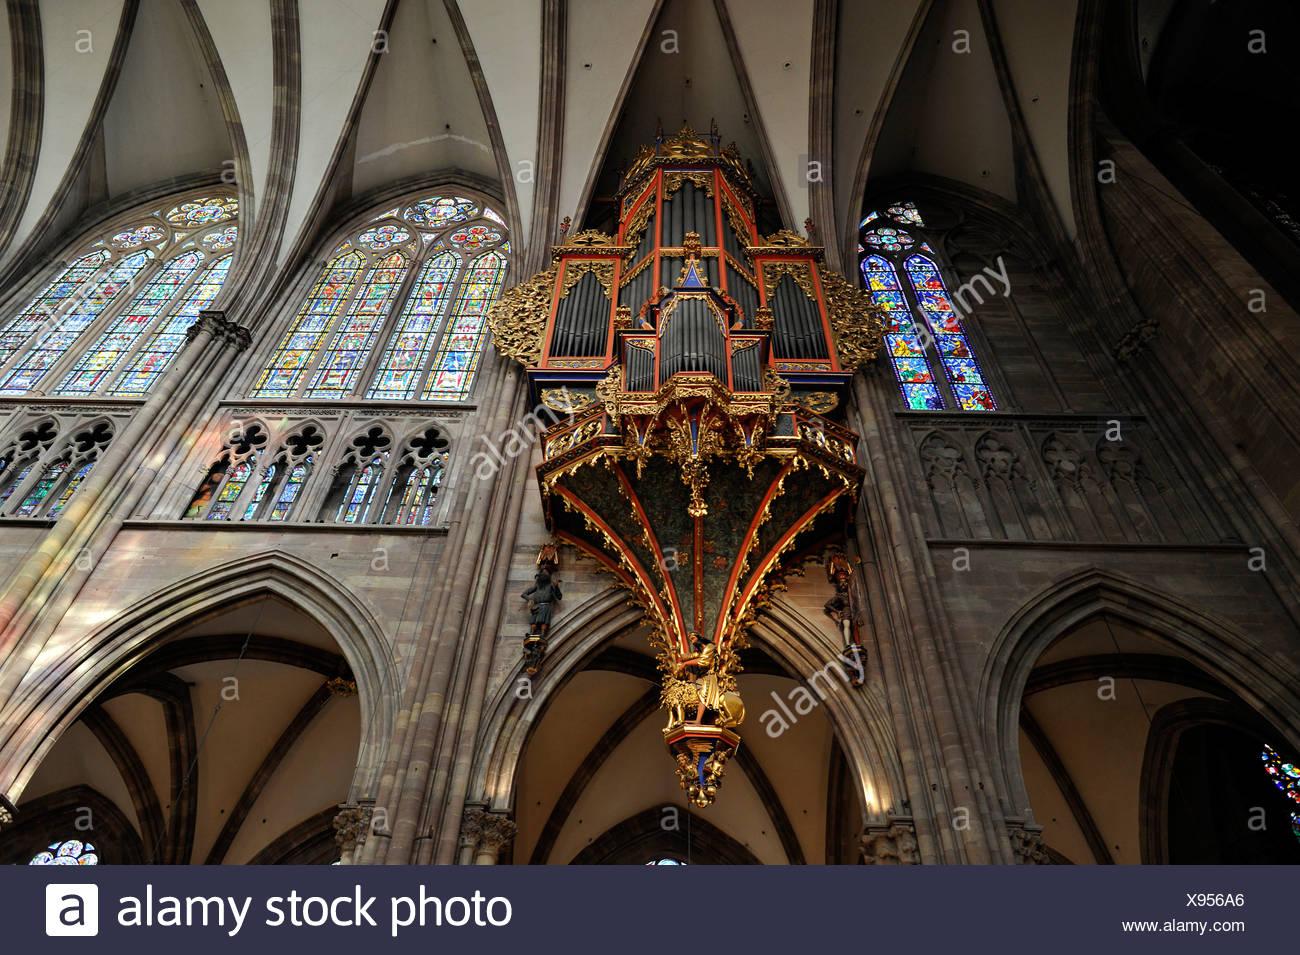 Orgel im Kirchenschiff, mit seiner erhaltenen gotischen Gehäuse, Kirchenschiff, Innenansicht, Straßburger Münster, Cathedral of Our Lady of Stockbild